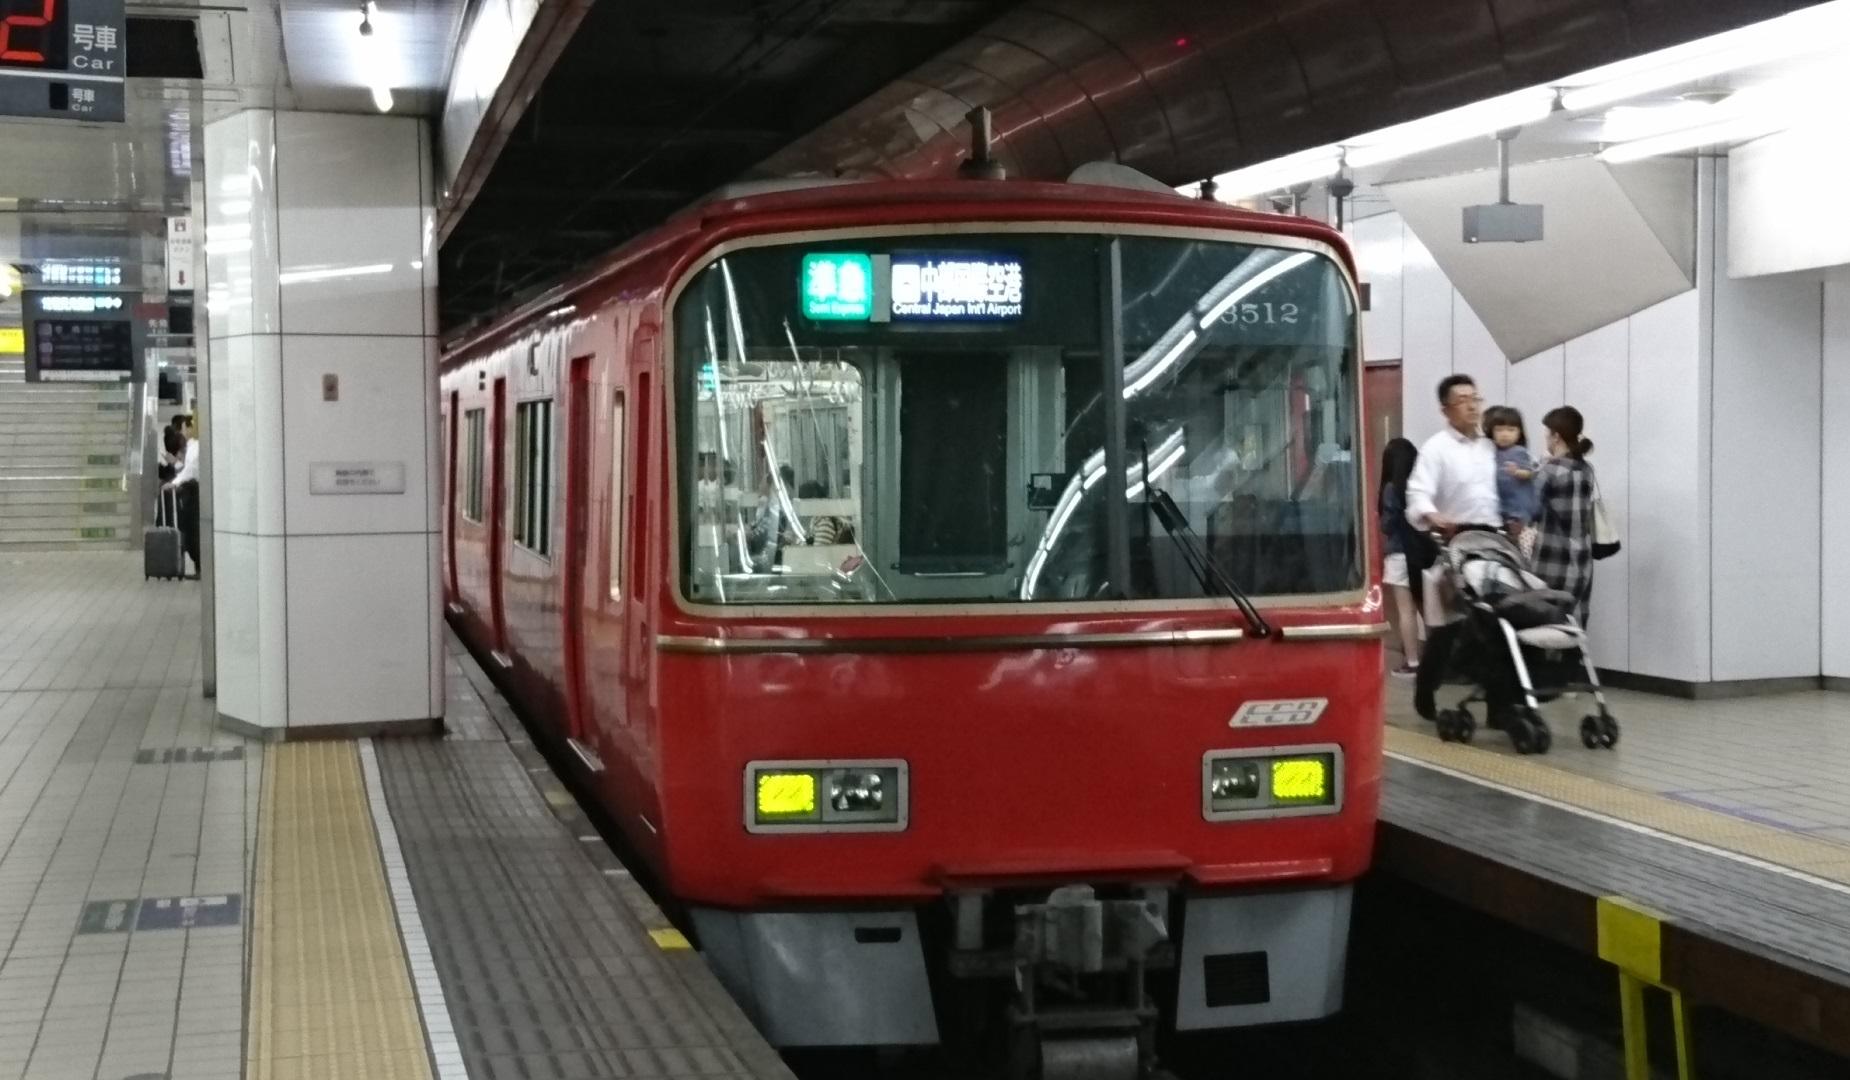 2016.10.19 西春からのかえり (17) 名古屋 - セントレアいき準急(3512)